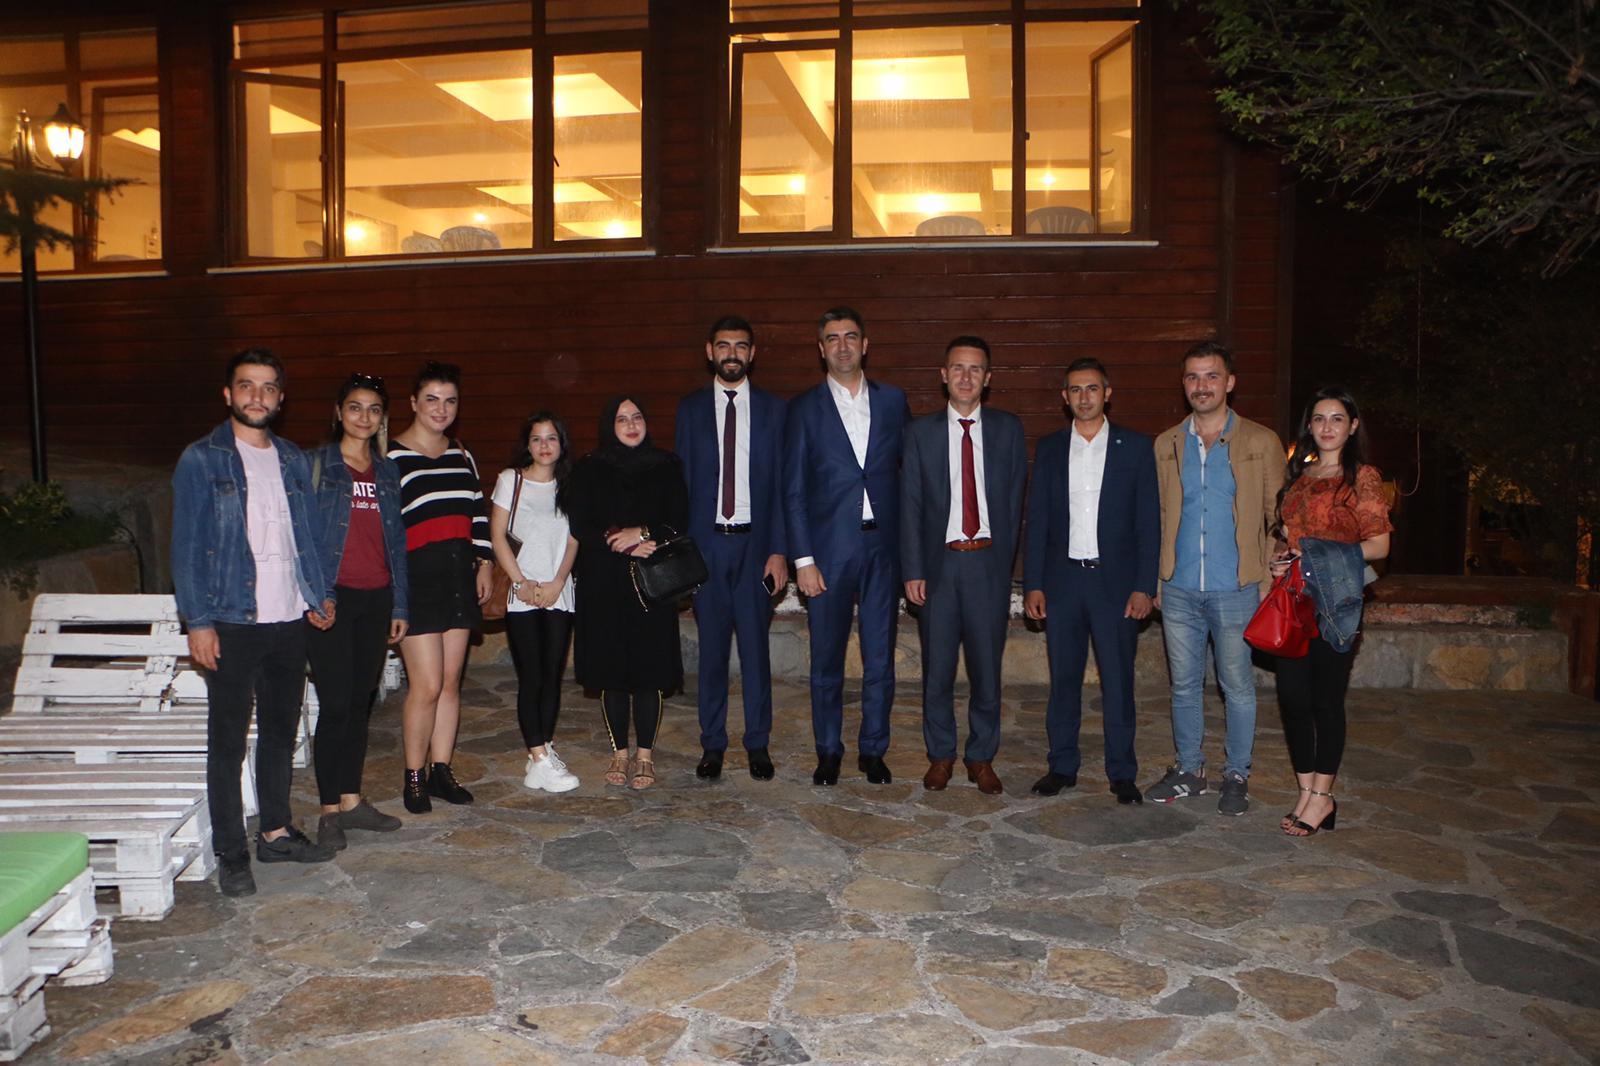 Başkan Gökhan Yüksel, İYİ Parti Kartal İlçe Başkanlığı'nın düzenlediği yemeğe katıldı-5